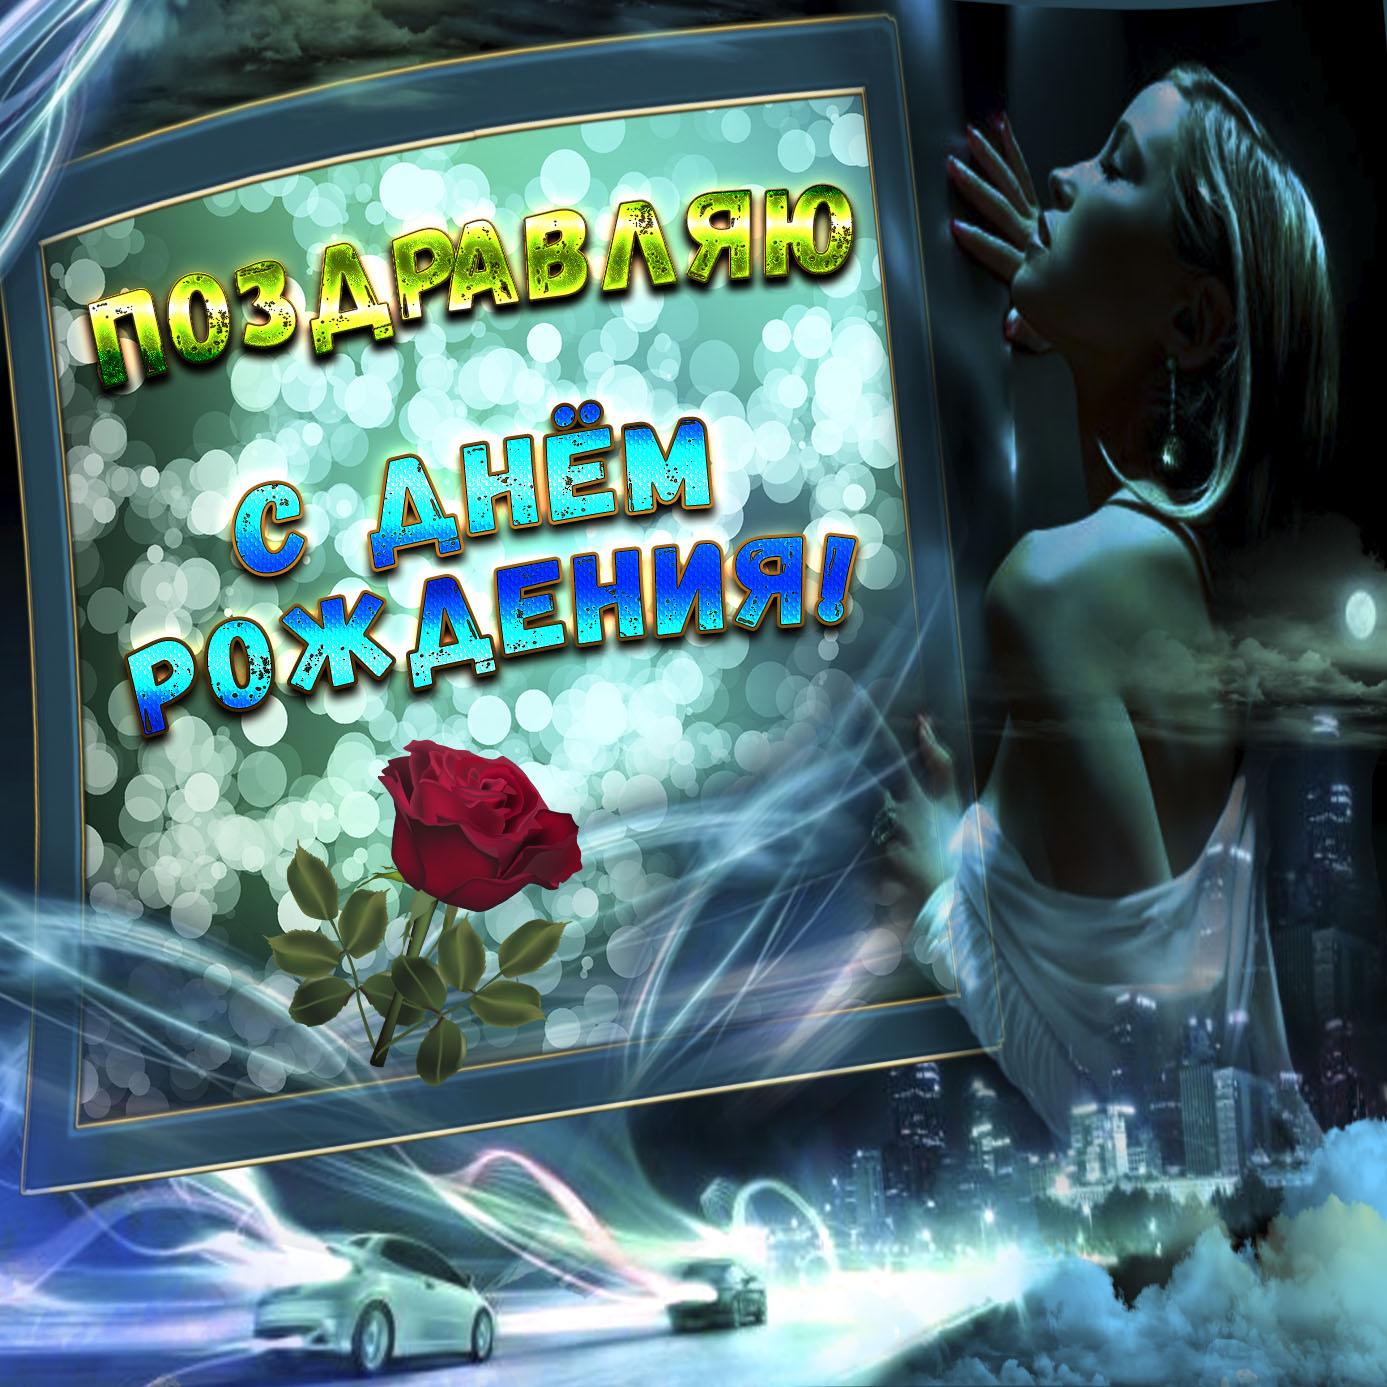 Картинка для мужчины с женщиной и розой